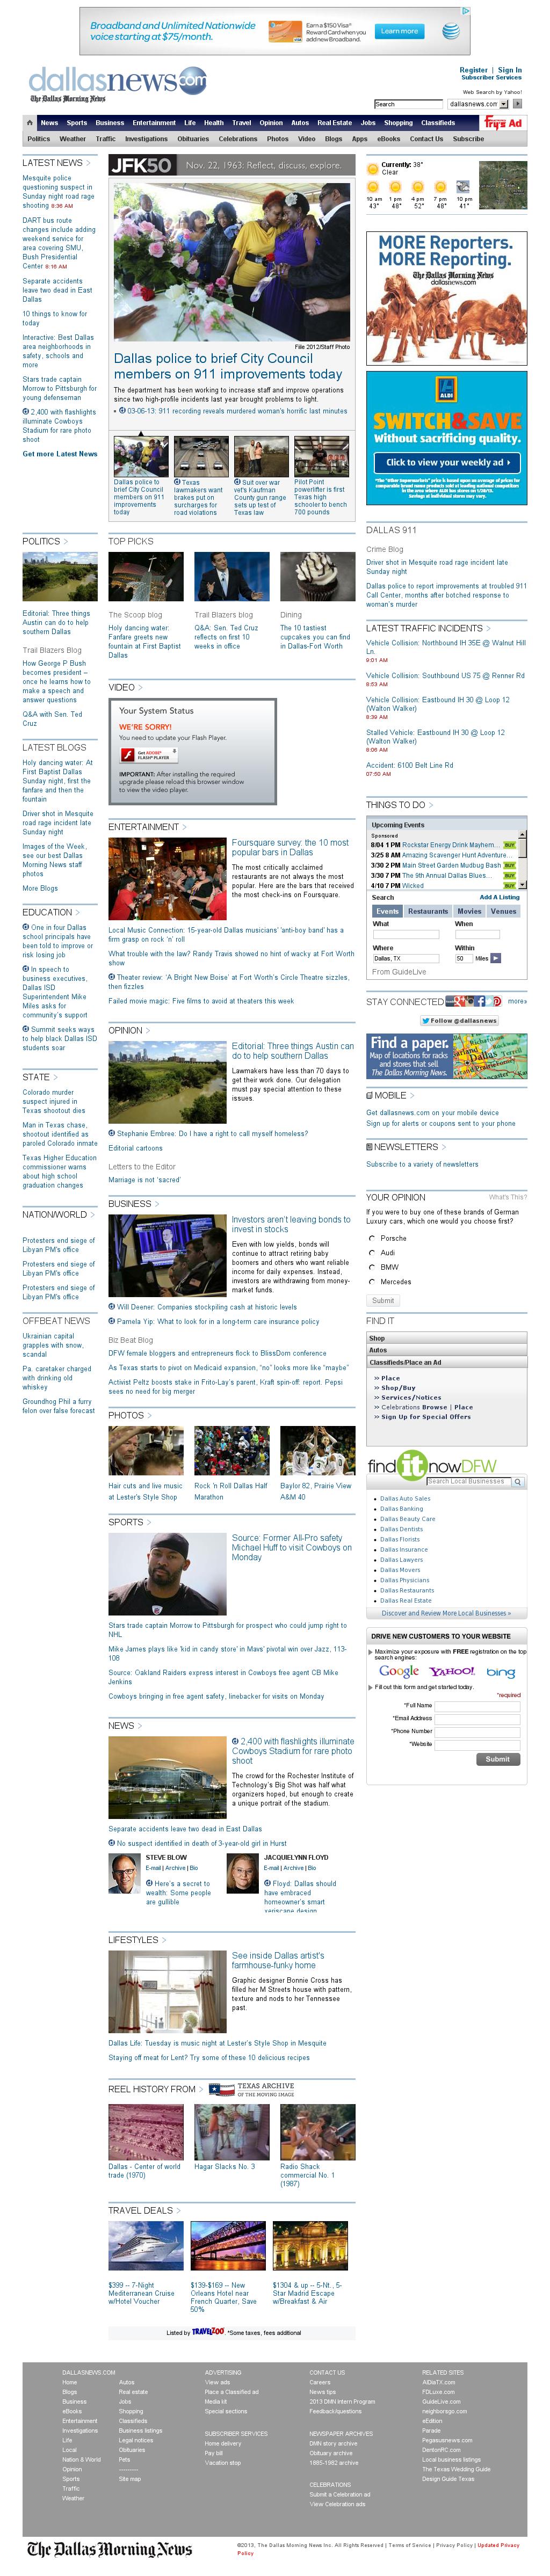 dallasnews.com at Monday March 25, 2013, 2:15 p.m. UTC